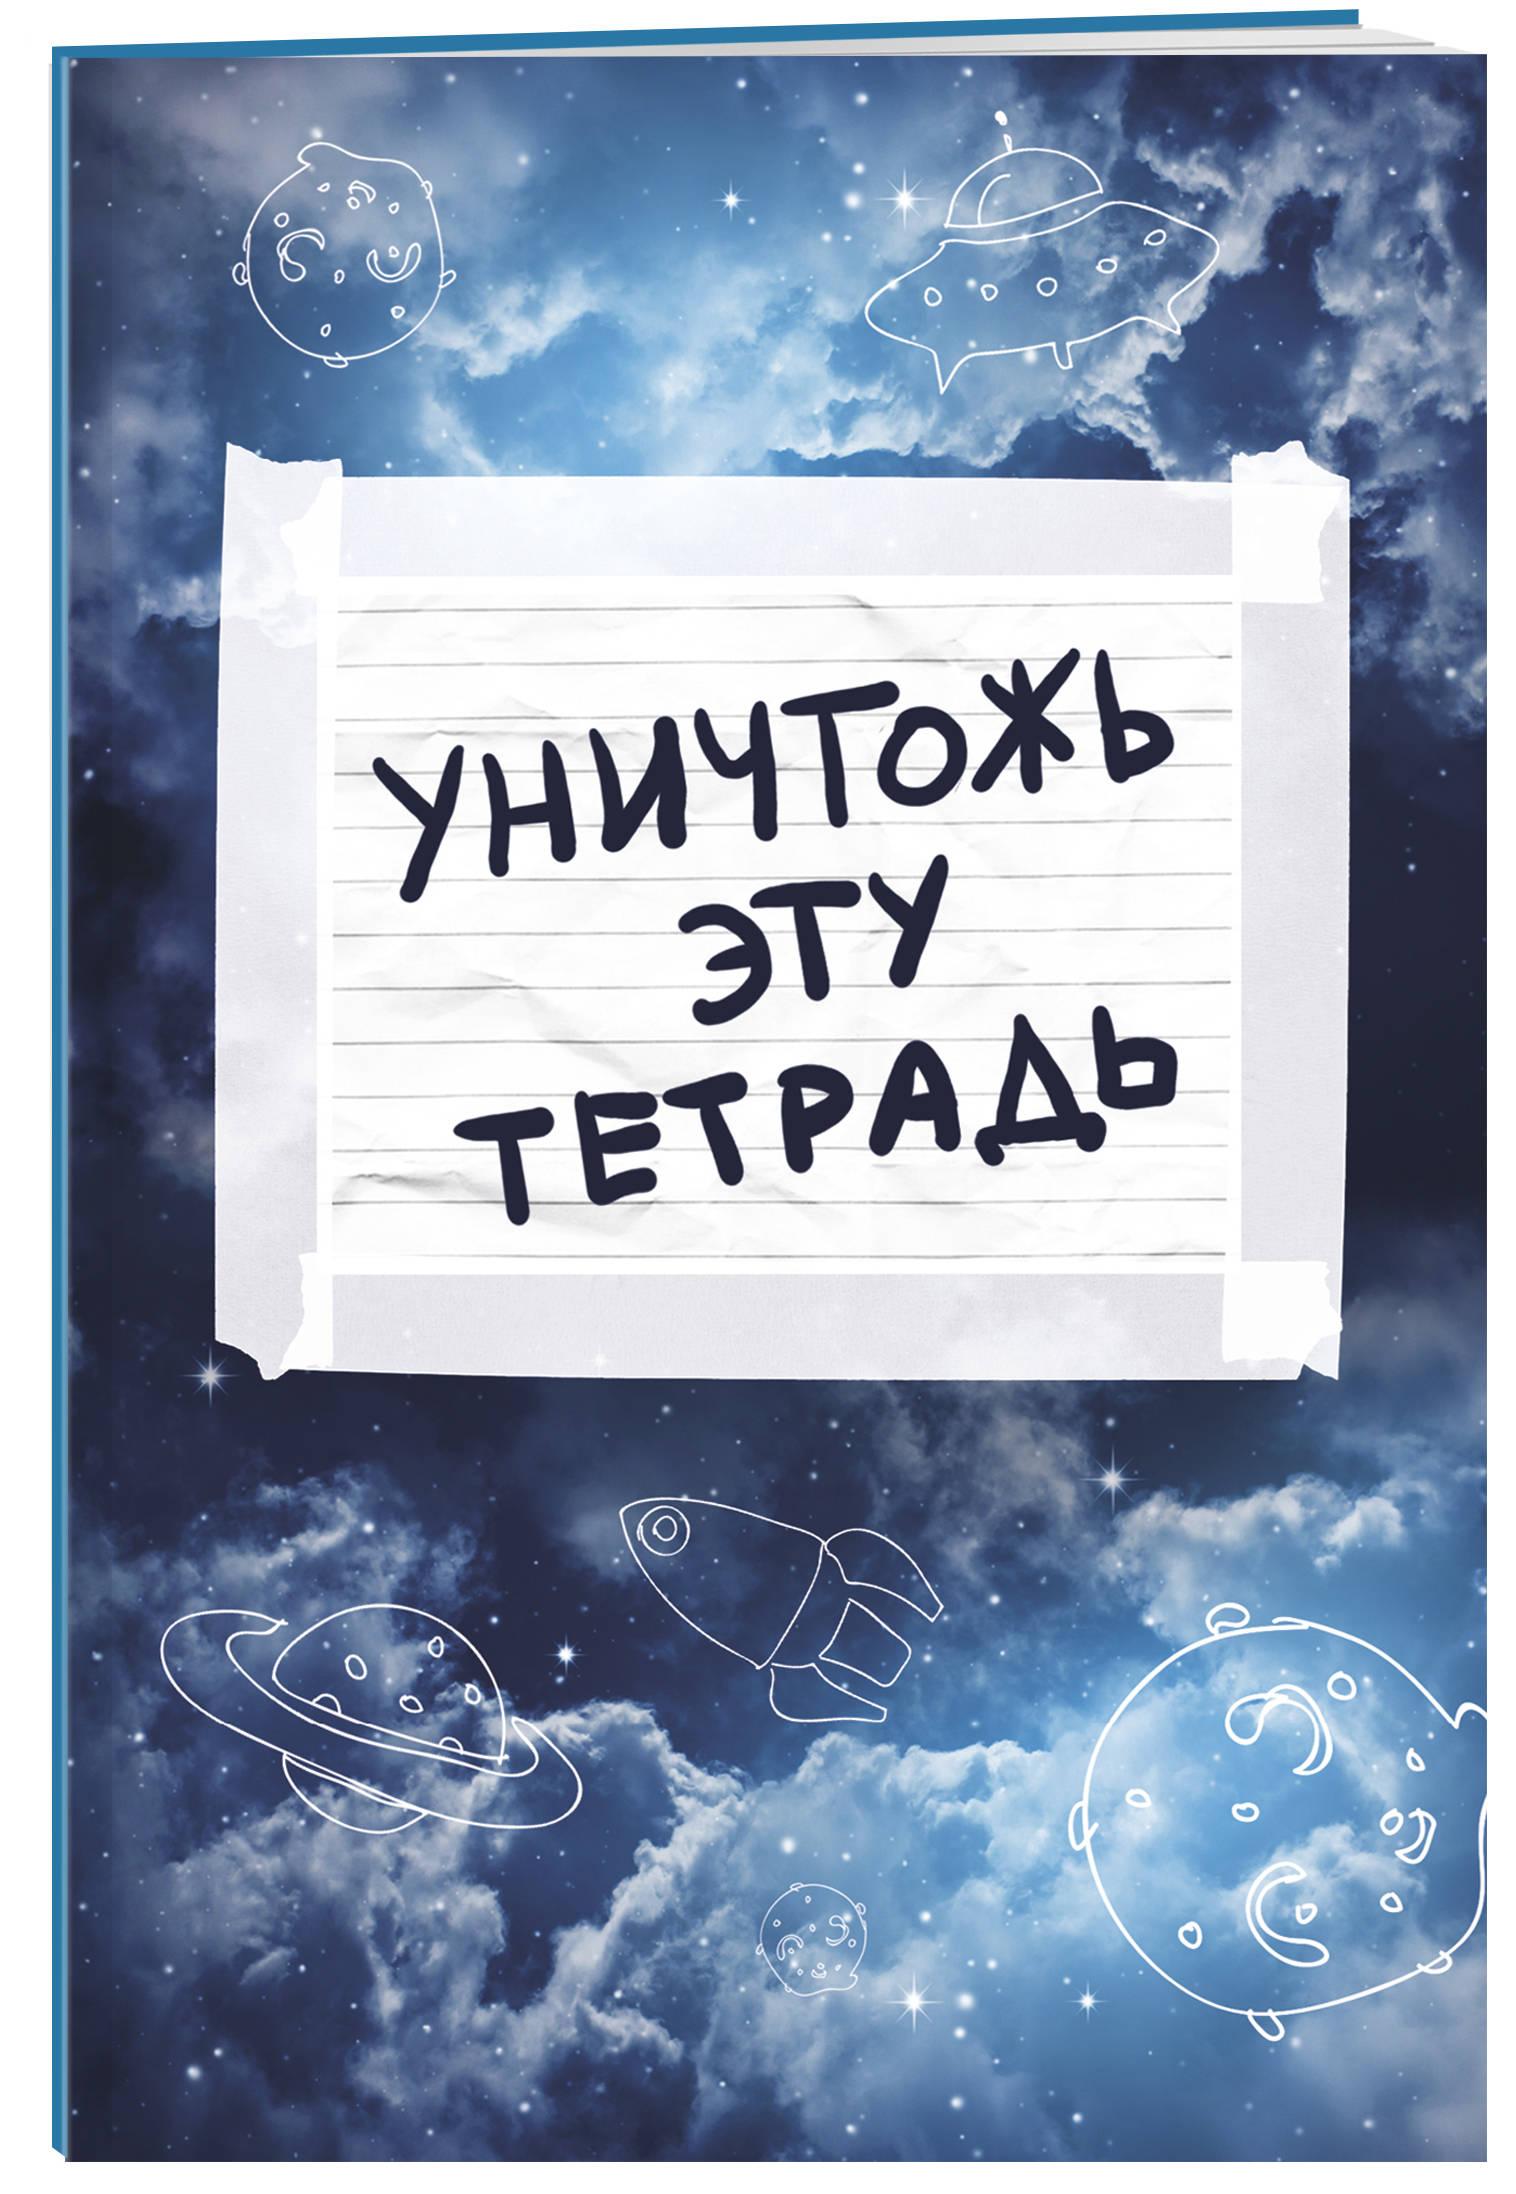 Уничтожь эту тетрадь (А5, 48 л., УФ-лак, с заданиями, синяя)